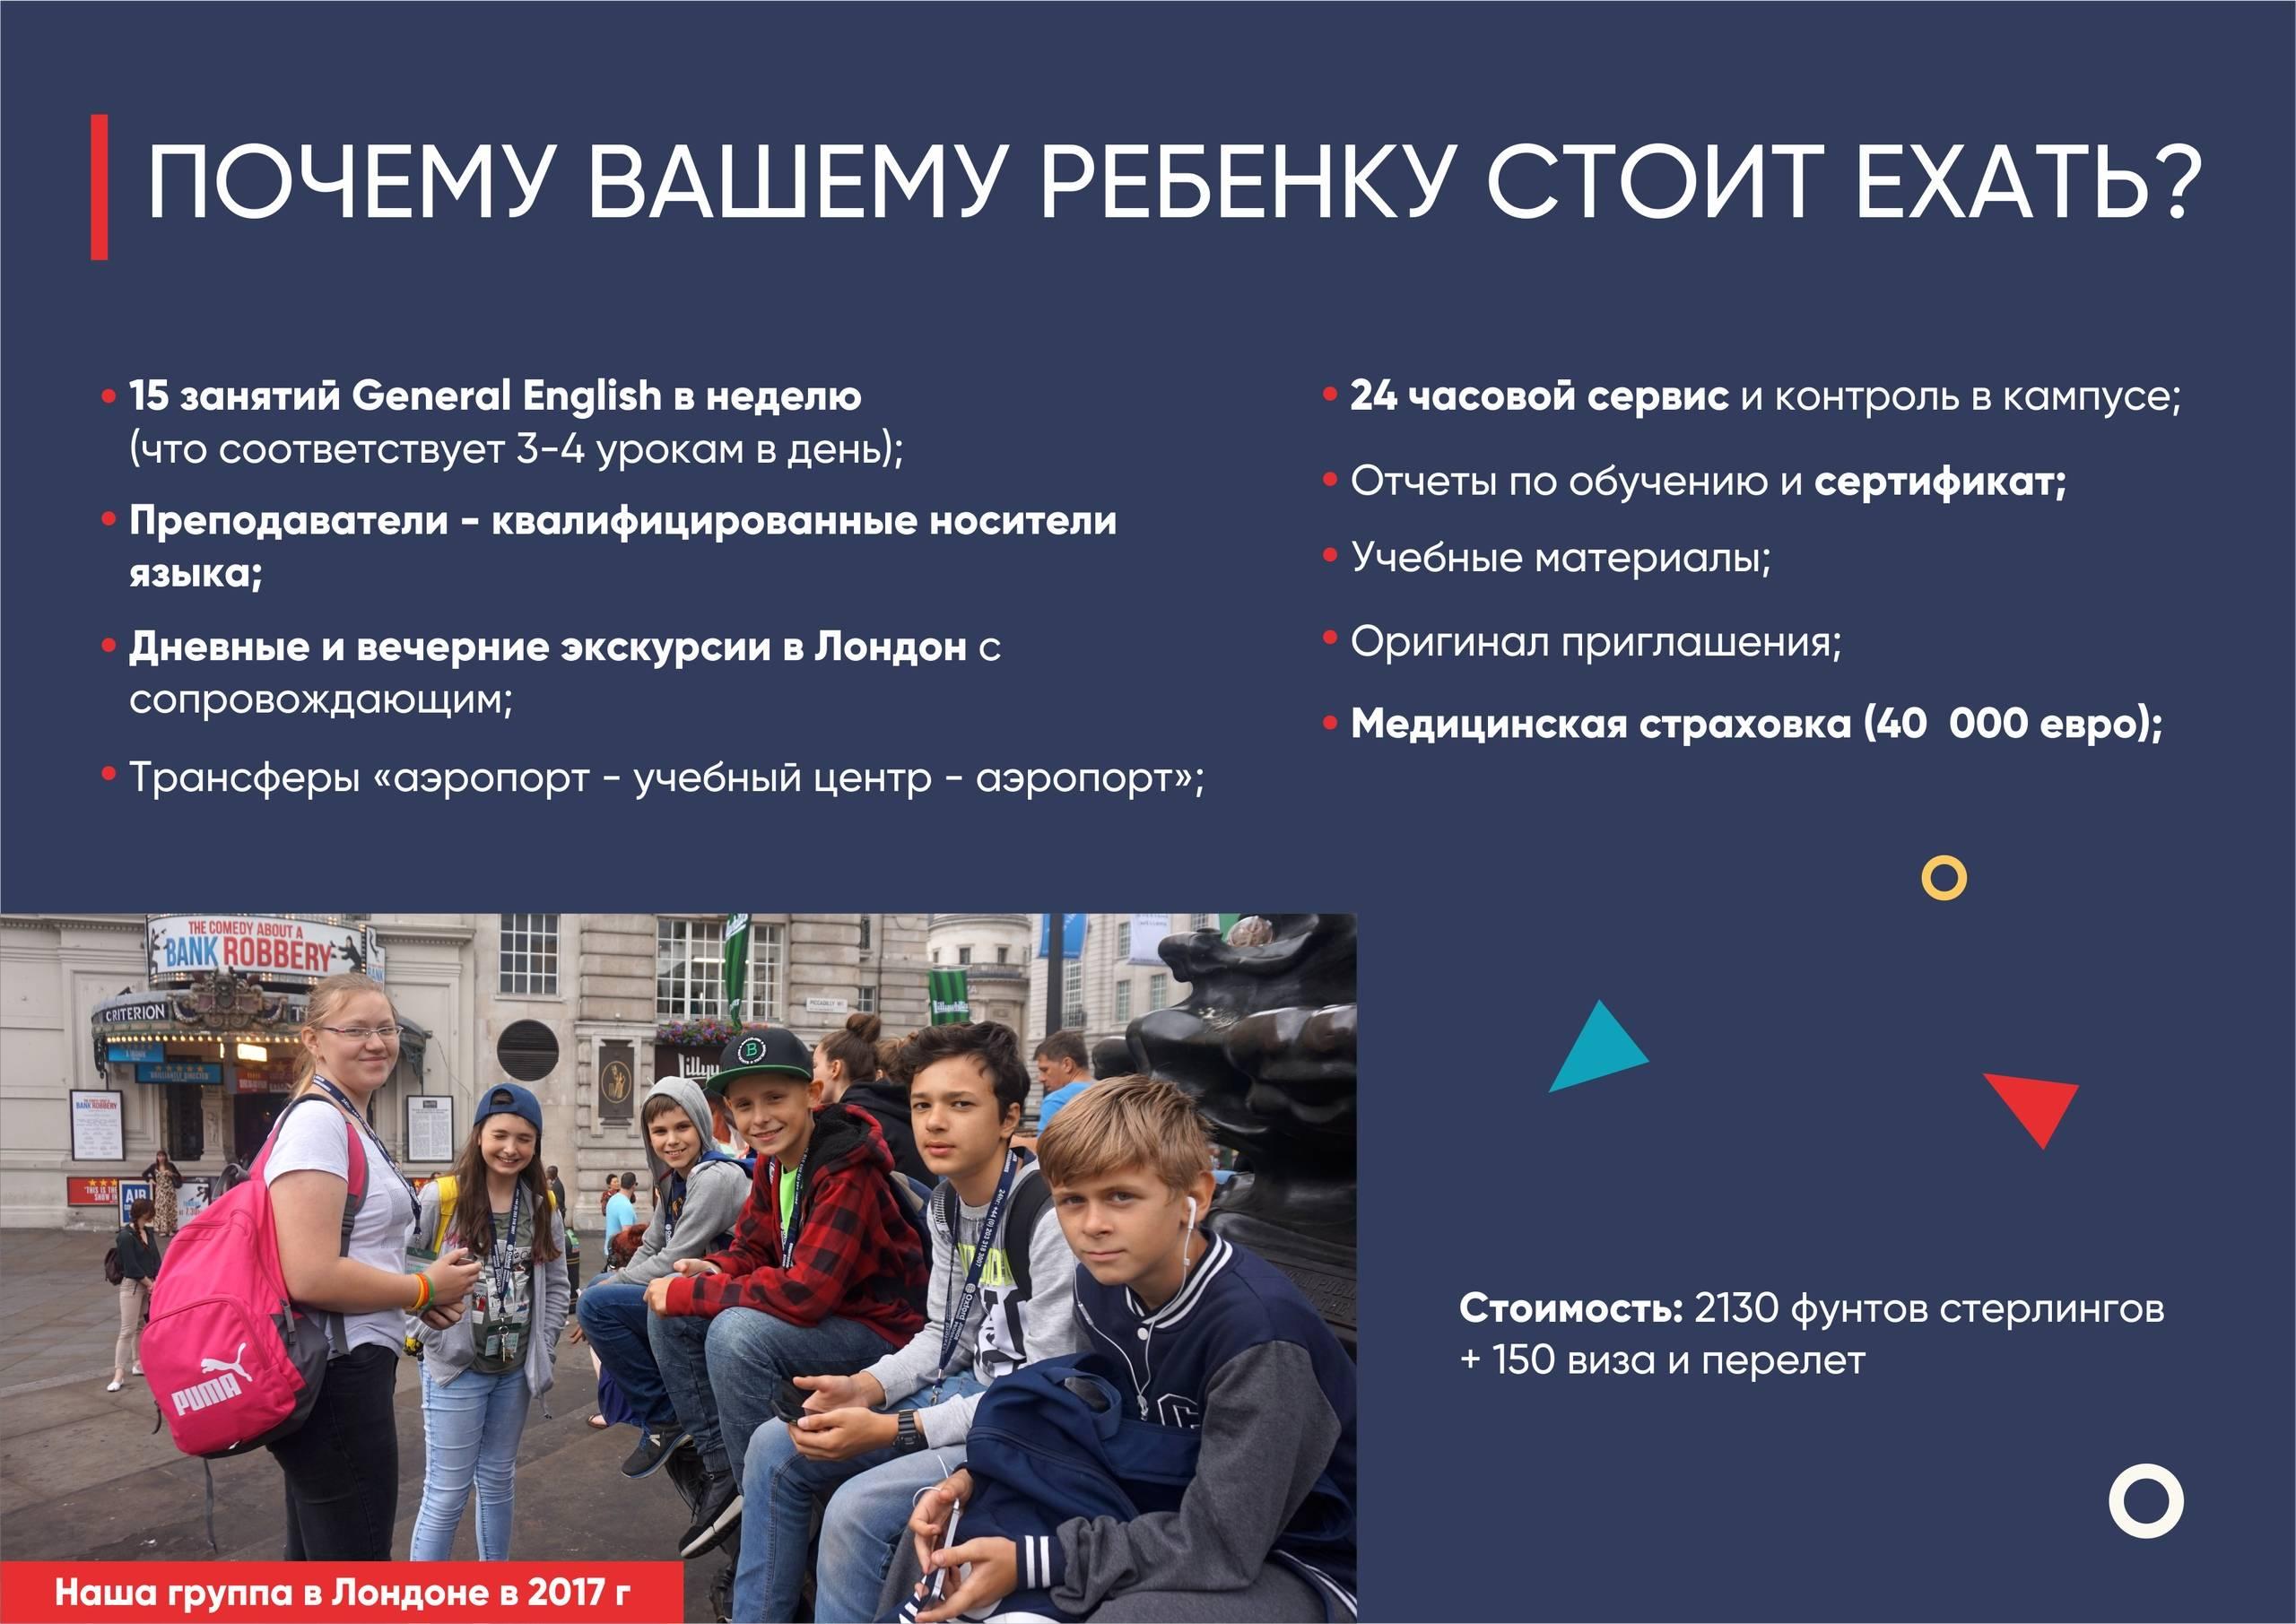 Работа в англии для украинцев. вакансии в англии без посредников.